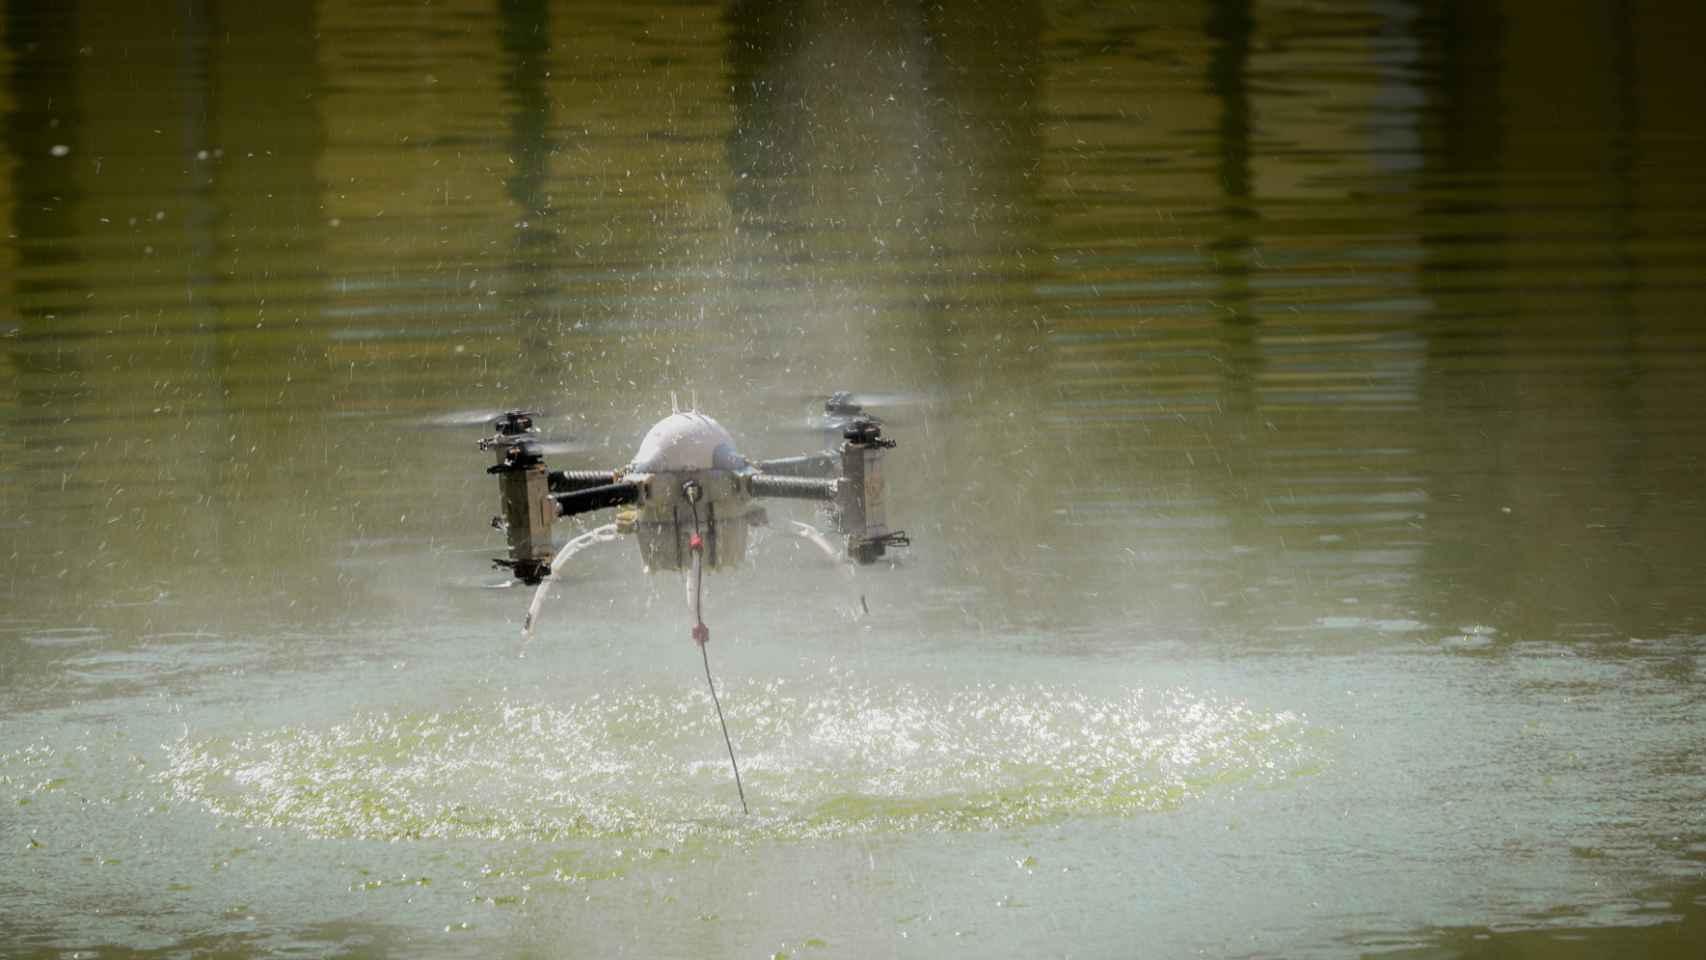 Uno de los drones presentados en la Feria.